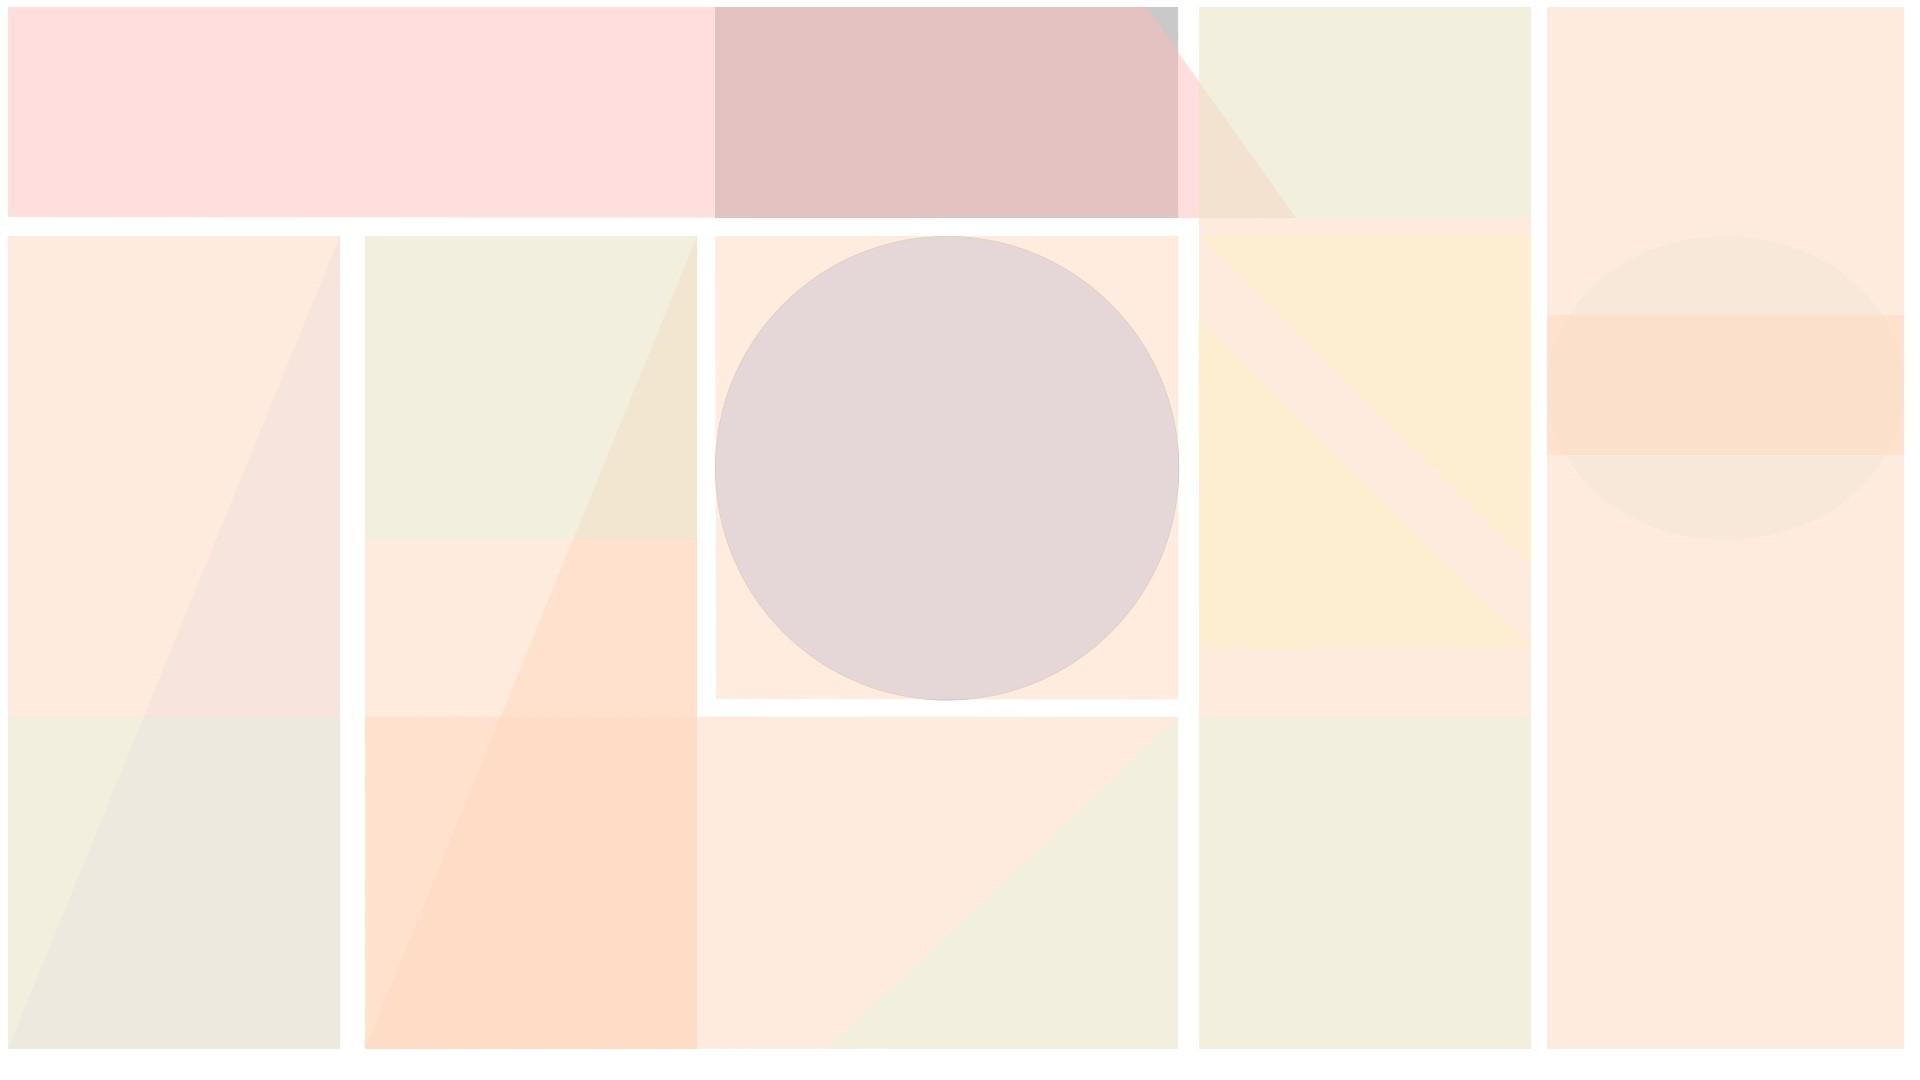 Coral mint bokeh desktop wallpaper background | Pretty Prints ♡ Wallpaper/ Backgrounds | Pinterest | Wallpaper backgrounds, Wallpaper and Illustrations